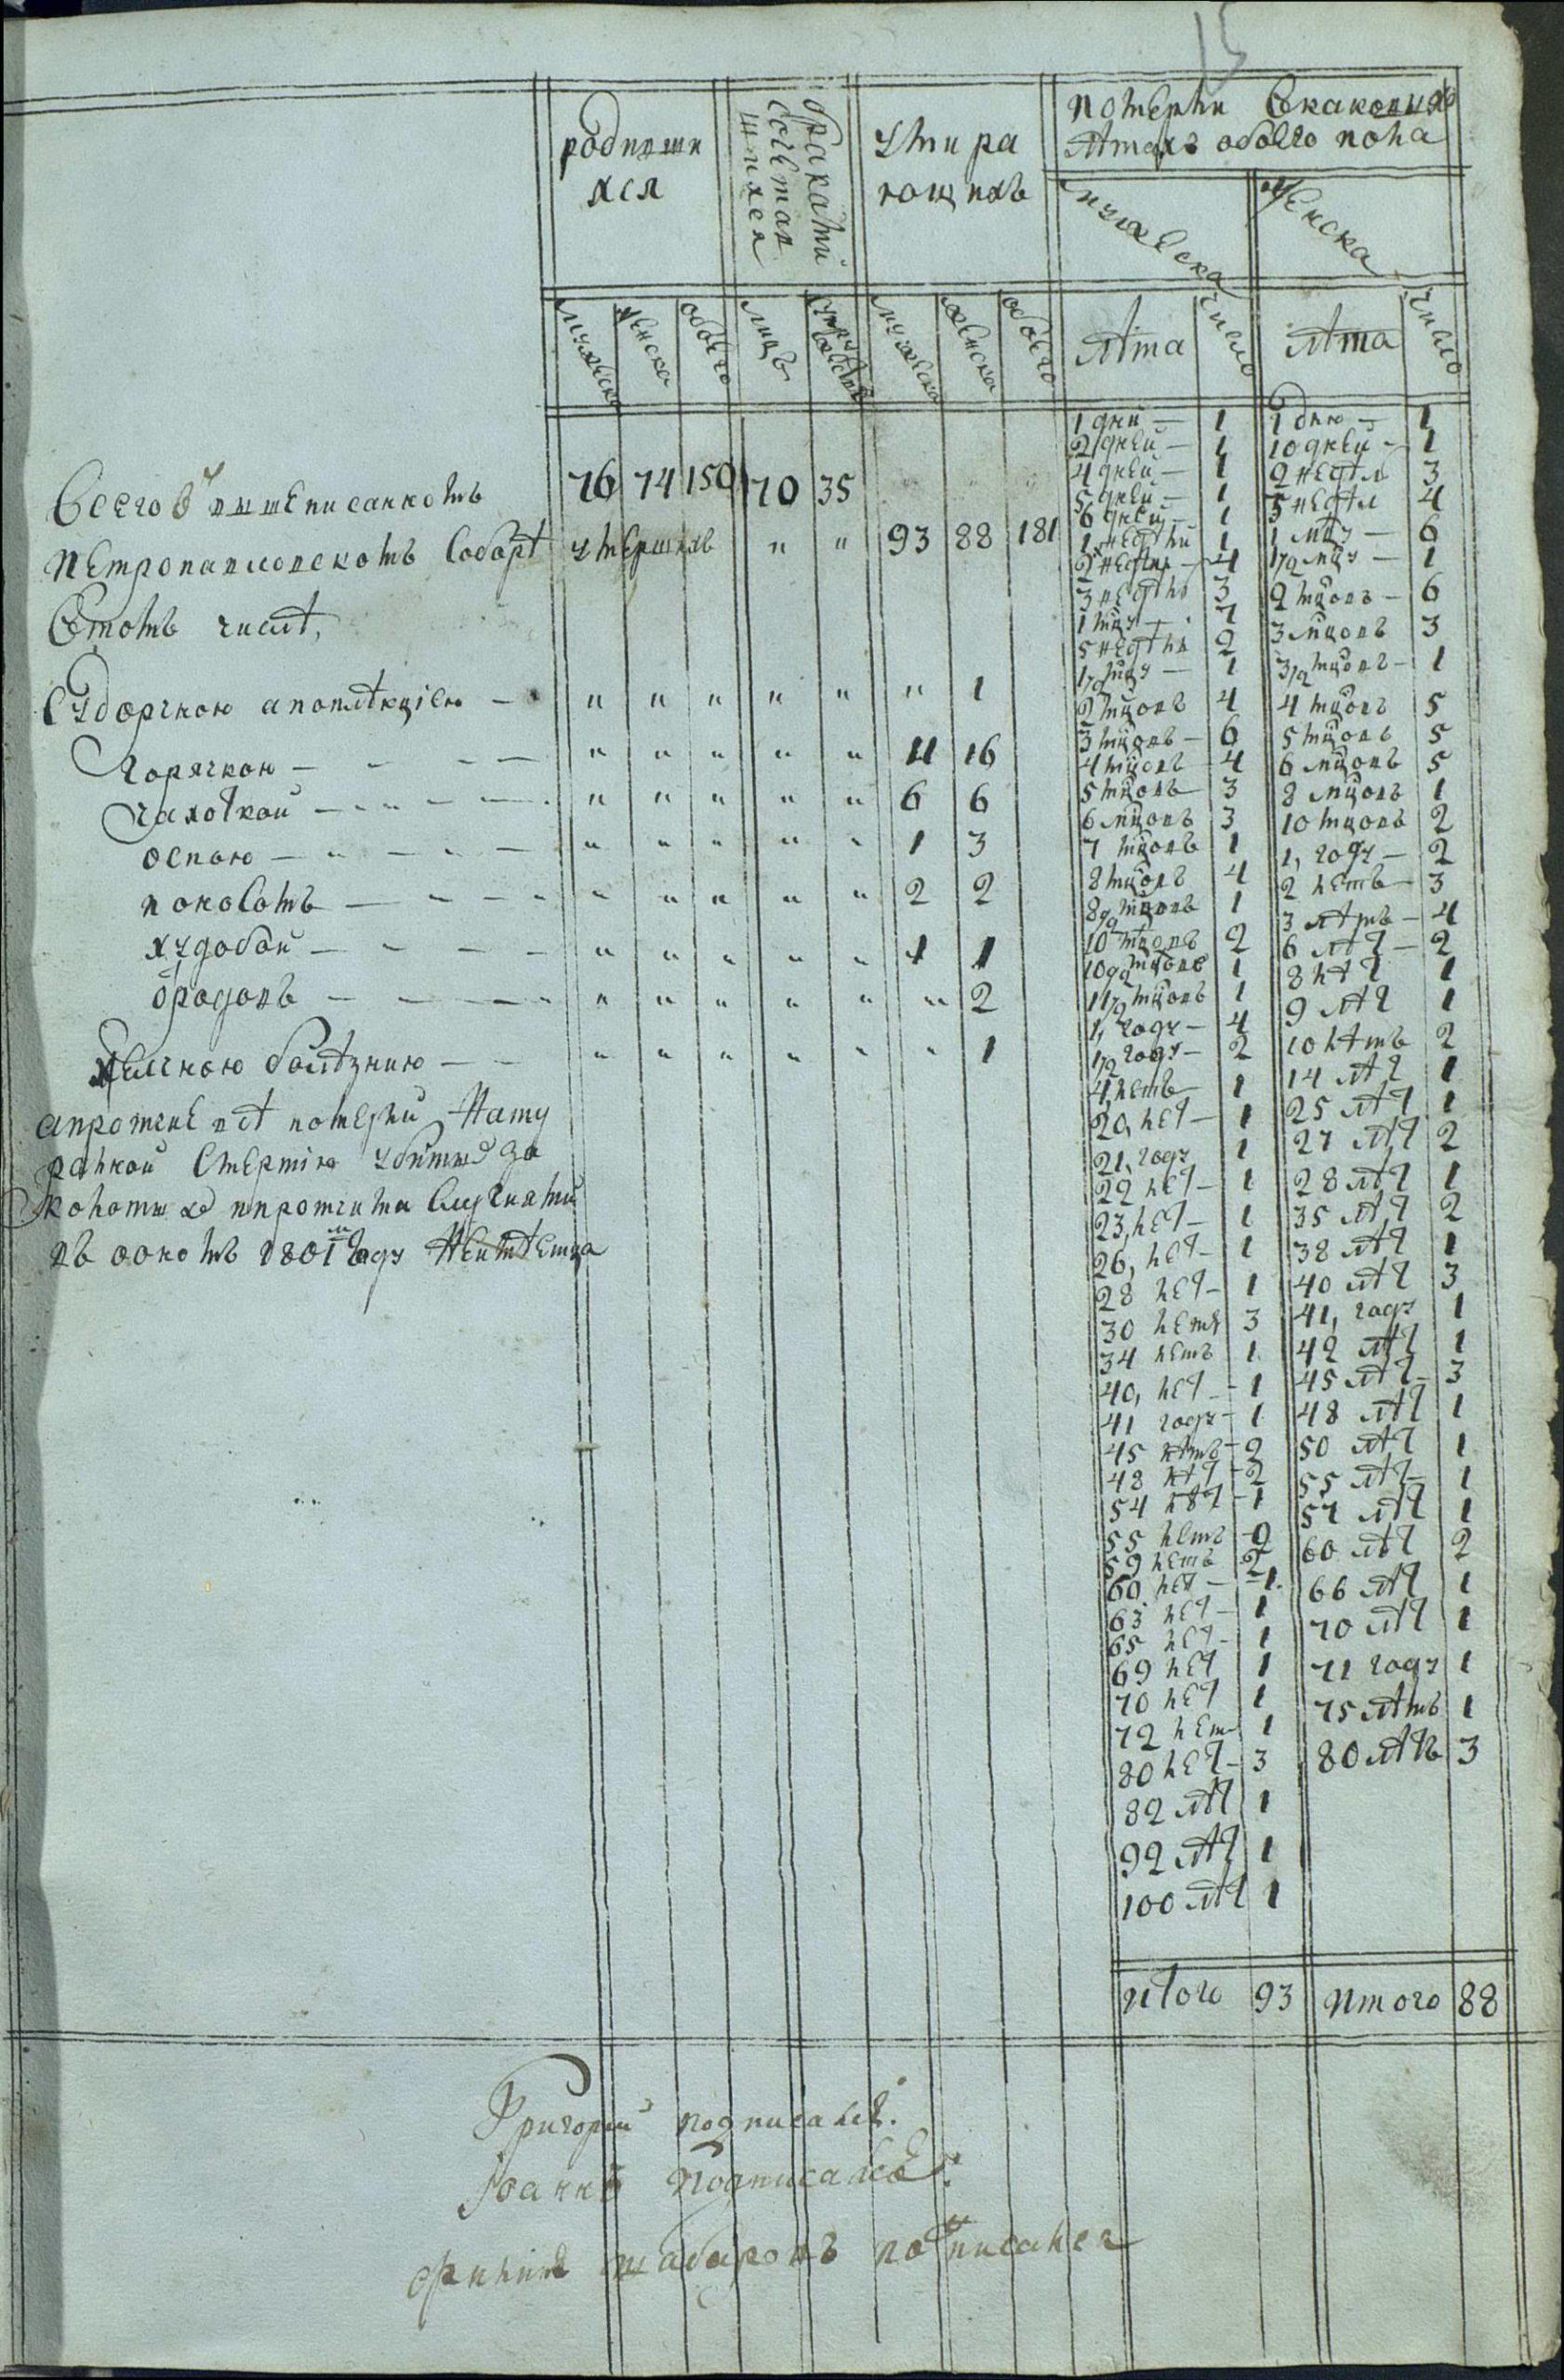 Метрическая книга, часть 3 об умерших, итоговая таблица со статистическими сведениями о причинах смерти и возрасте умерших за 1801 год, город Пермь.